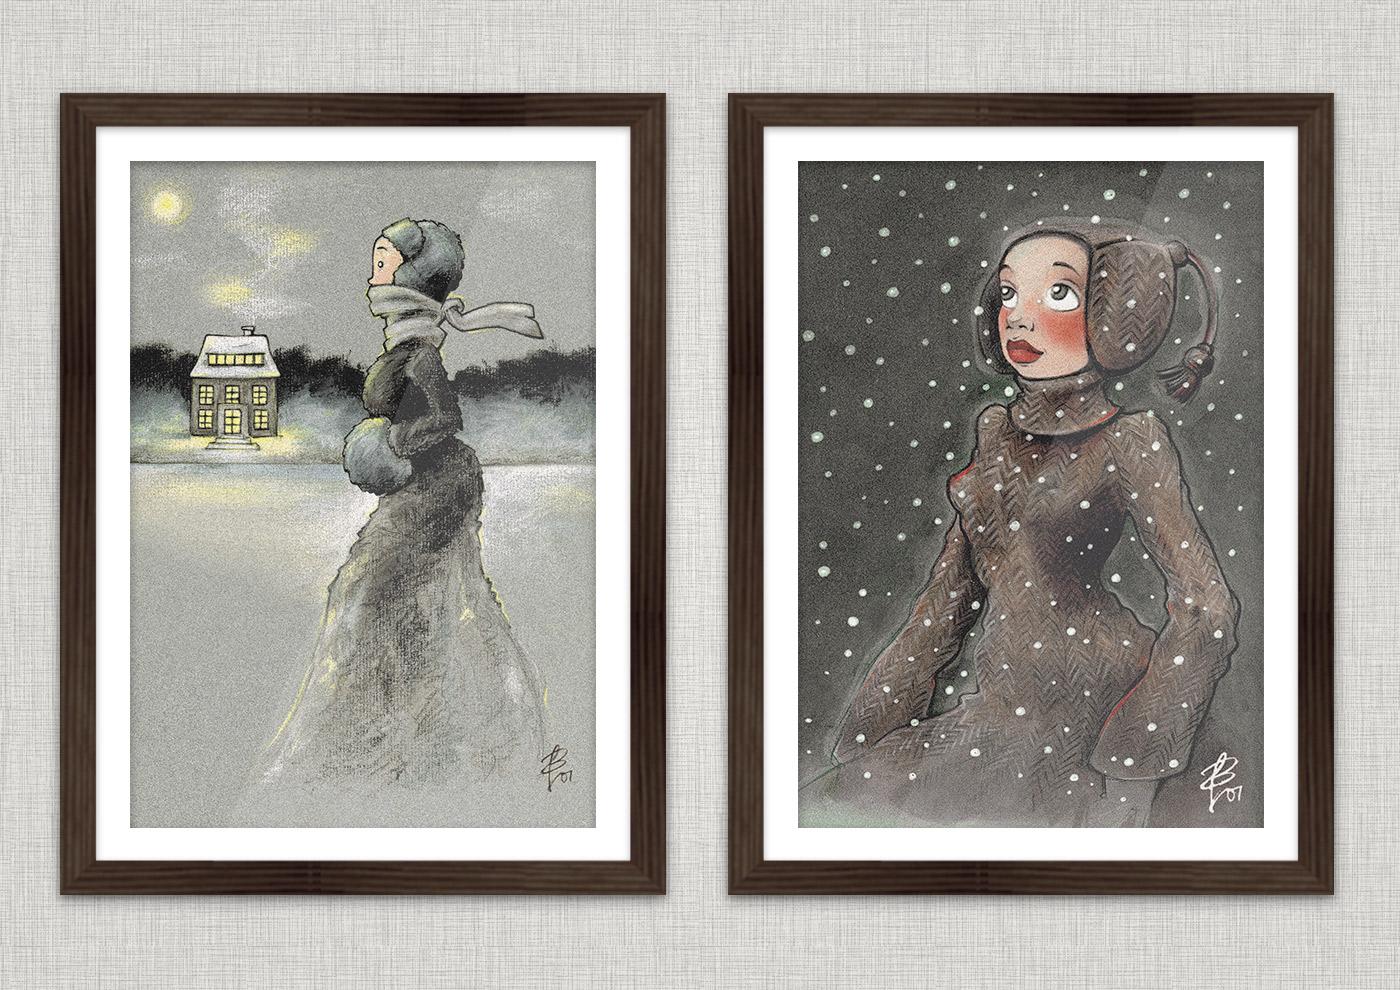 Poster mit der Serie Winterwunder mit Zeichnungen von einem Mädchen beim Eislaufen mit Schlittschuhen auf einem winterlichen See in Ölkreide (Eisläuferin) und von einem Mädchen, das voller Staunen das Wunder des ersten Schnees im Winter betrachtet (Neuschnee), in Markertechnik, von Iris Luckhaus